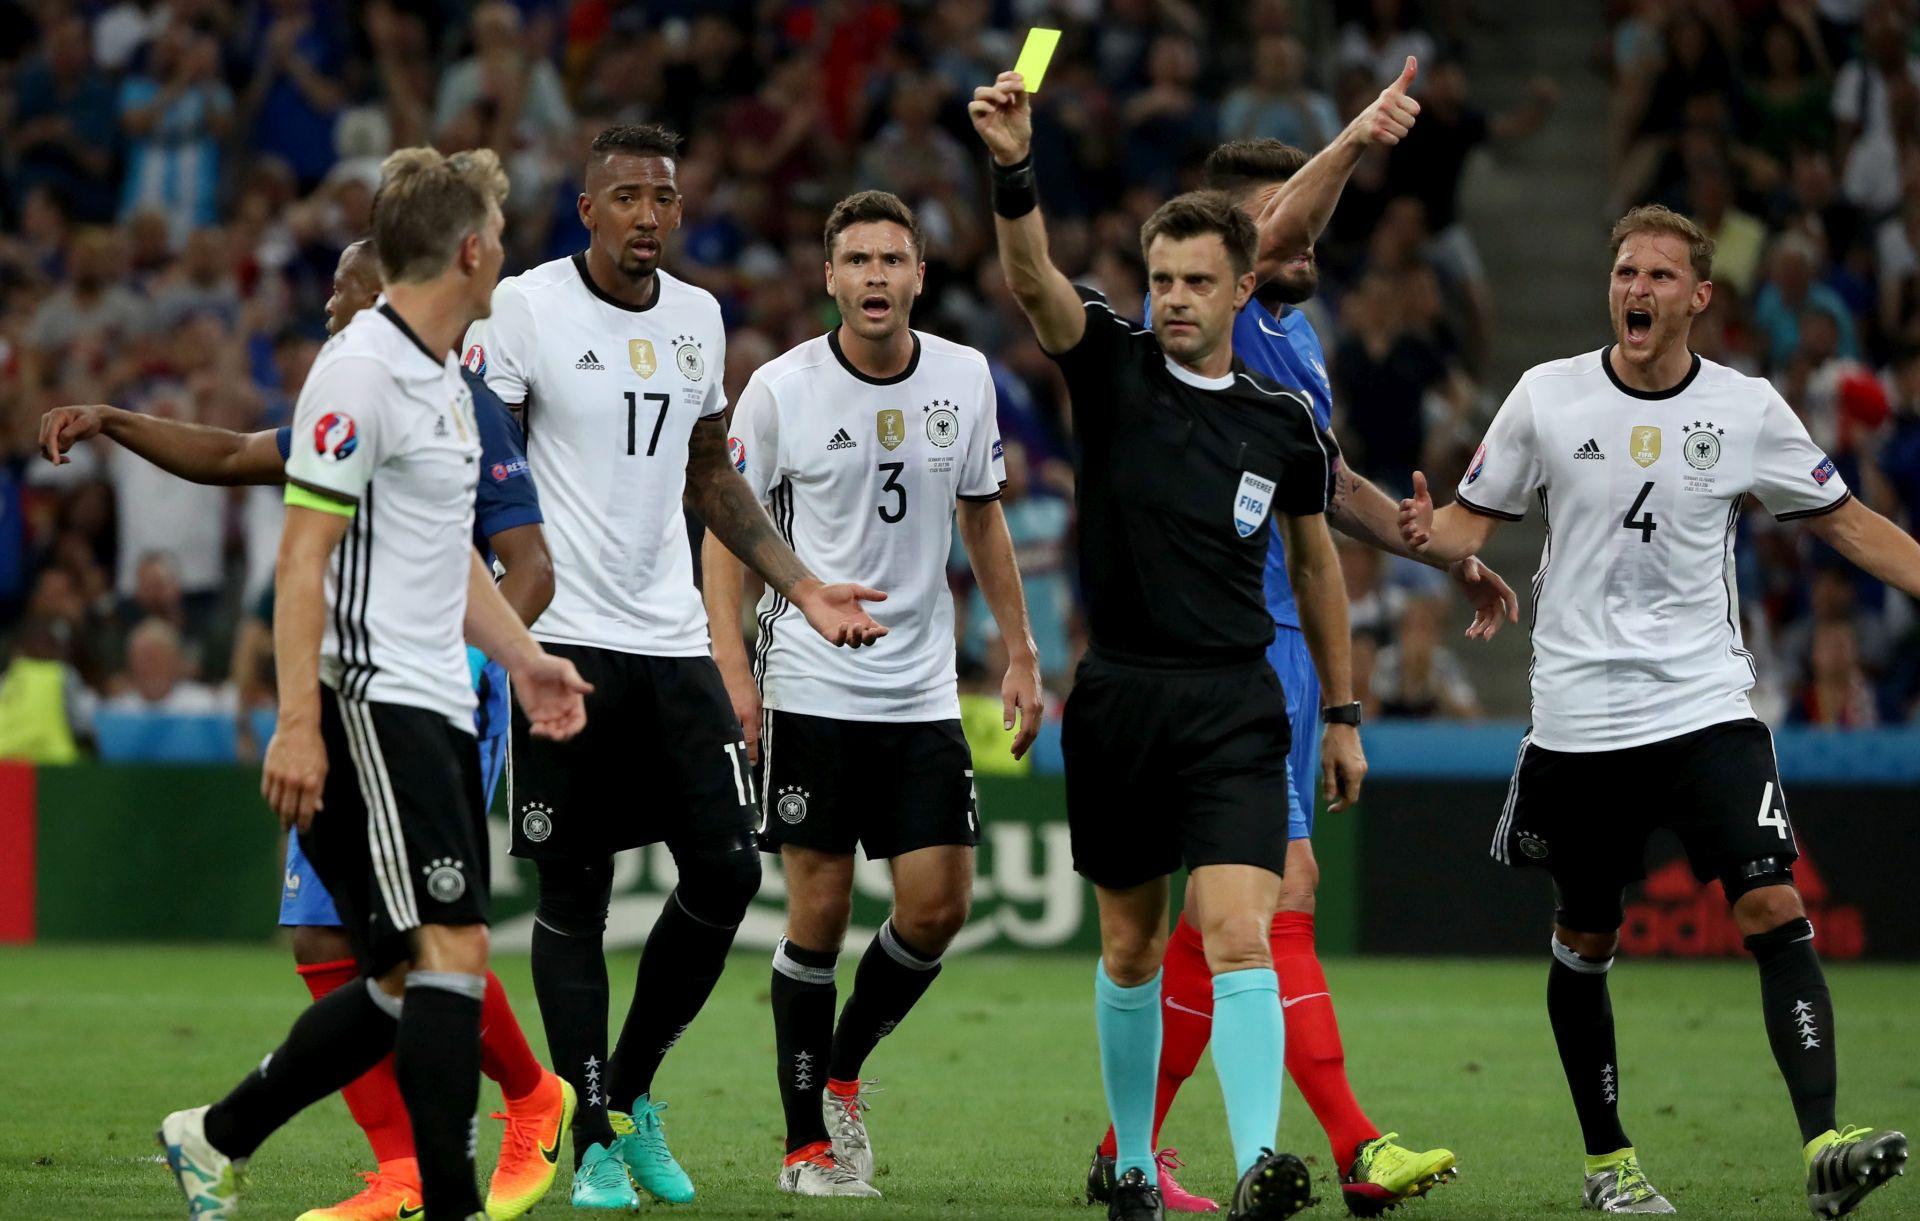 TRAGIČAR POLUFINALA Schweinsteiger se u otvorenom pismu zahvalio navijačima